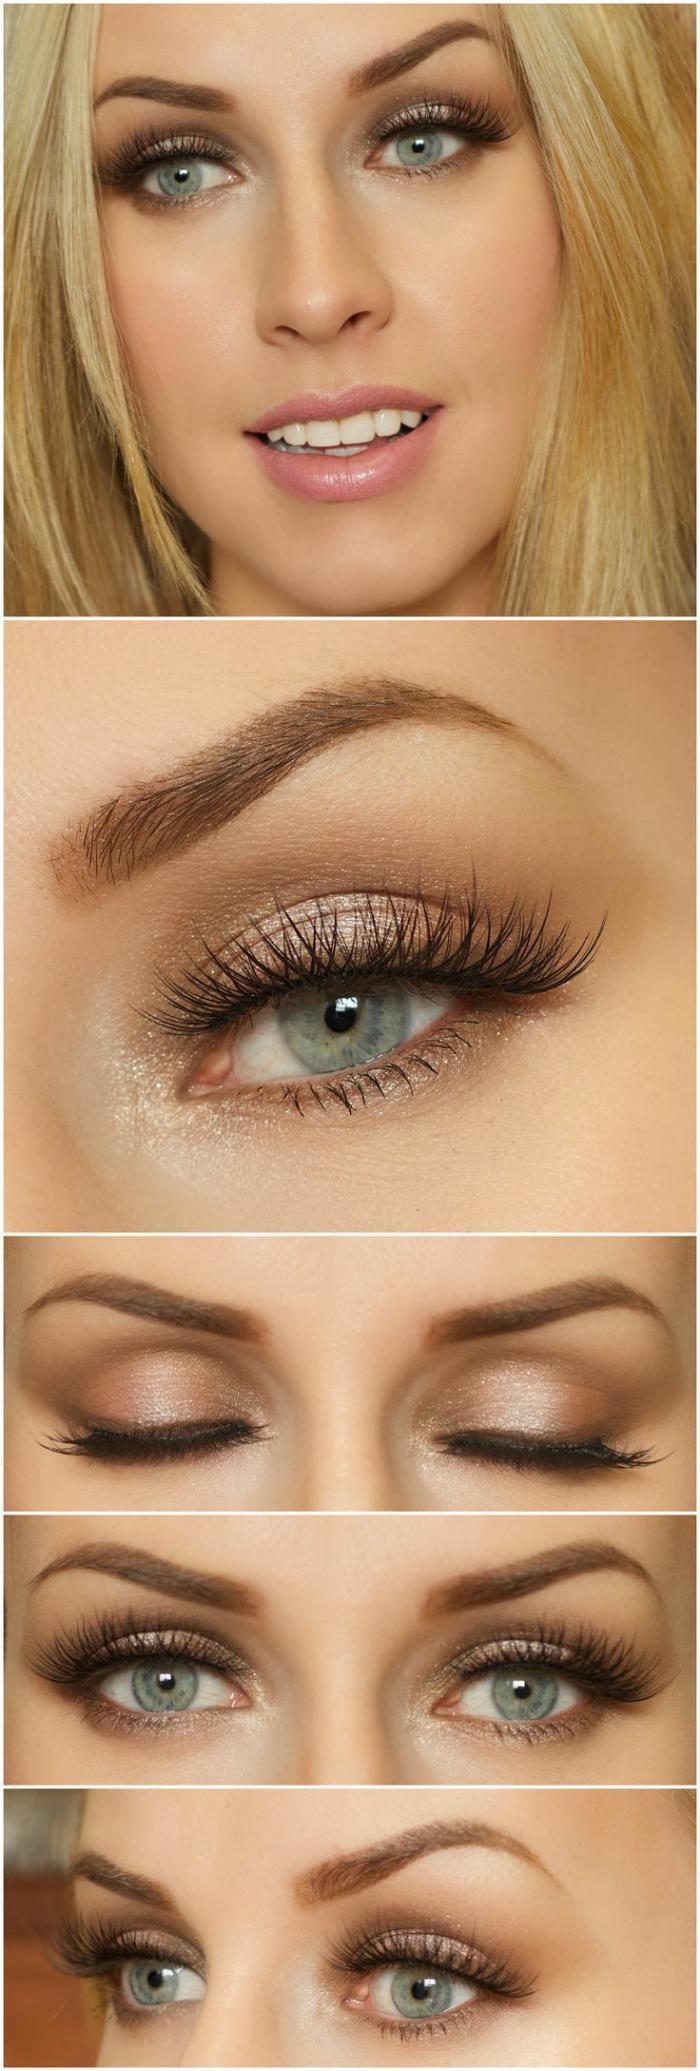 maquillage-simple-conseil-maquillage-femme-élégante